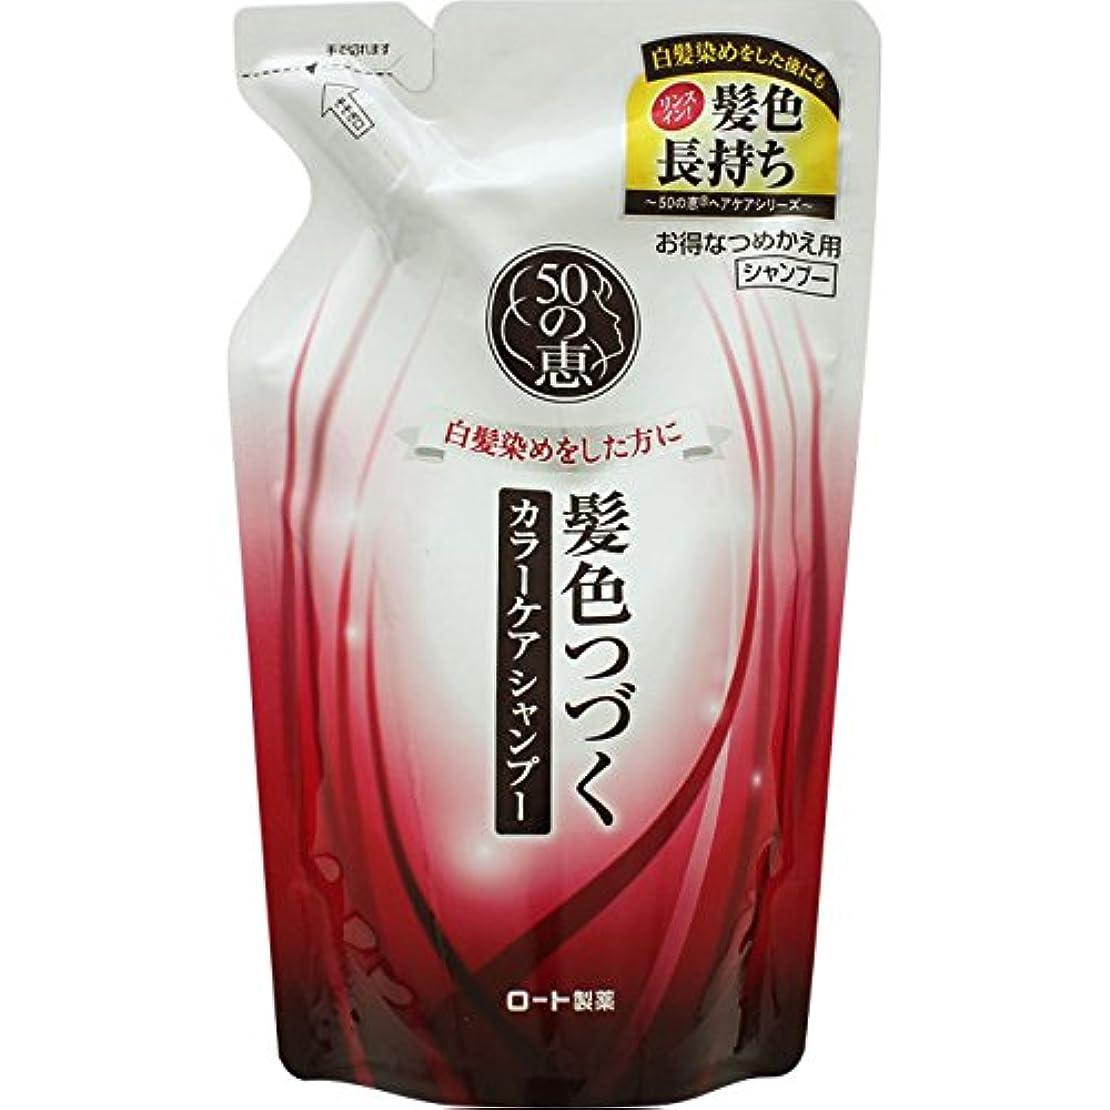 意識乱暴な追放するロート製薬 50の恵エイジングケア カラーケアシャンプー 詰替用 330mL